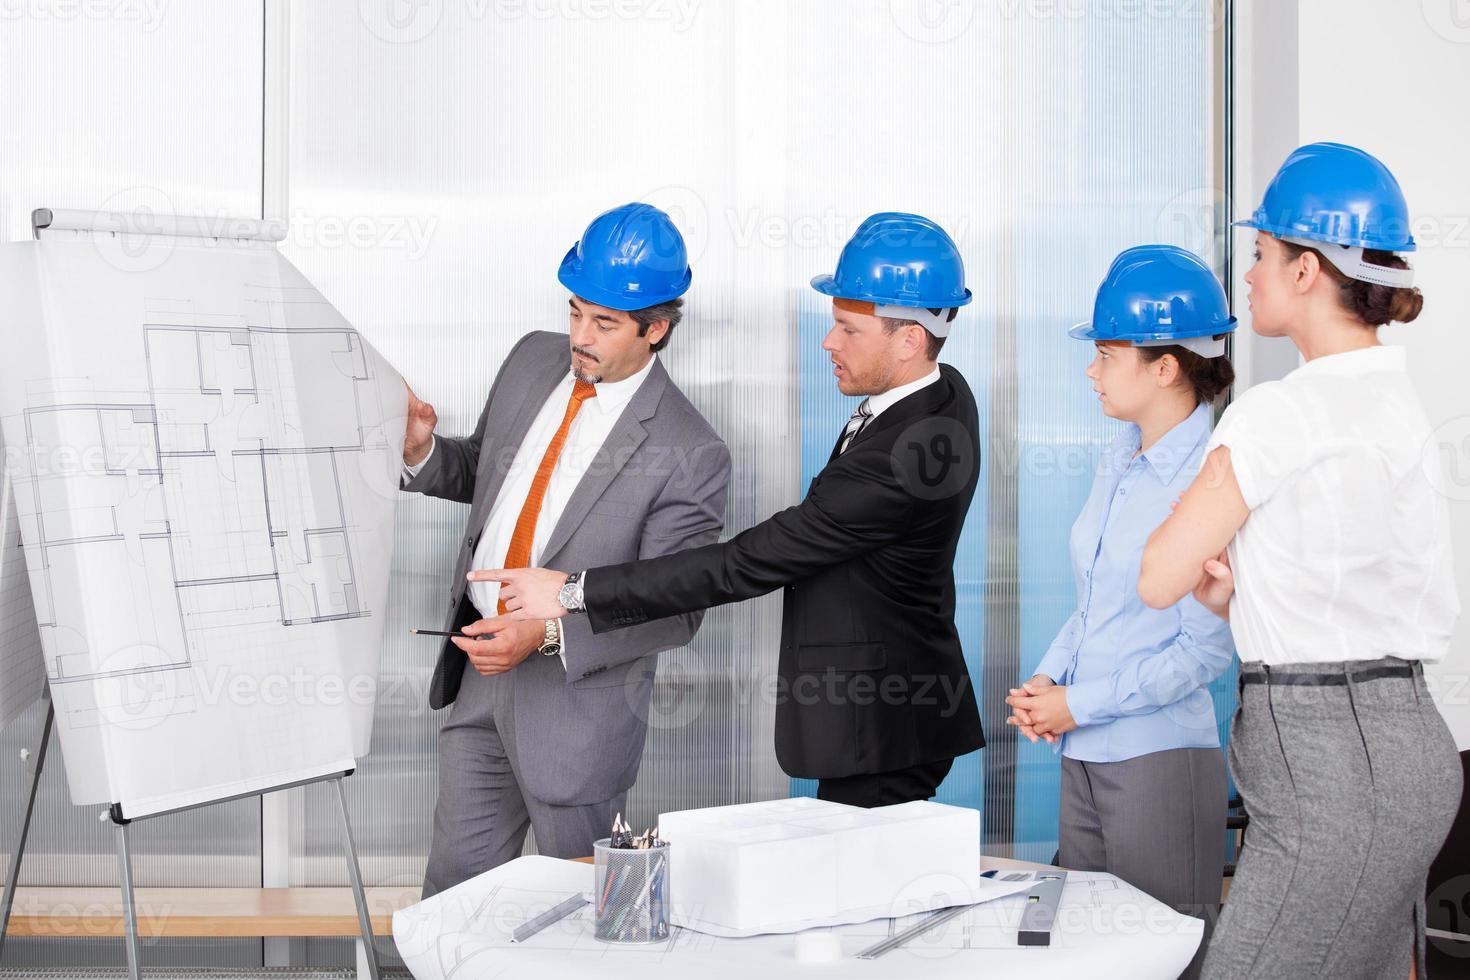 Architekten diskutieren Plan auf Blaupause im Büro gezeichnet foto